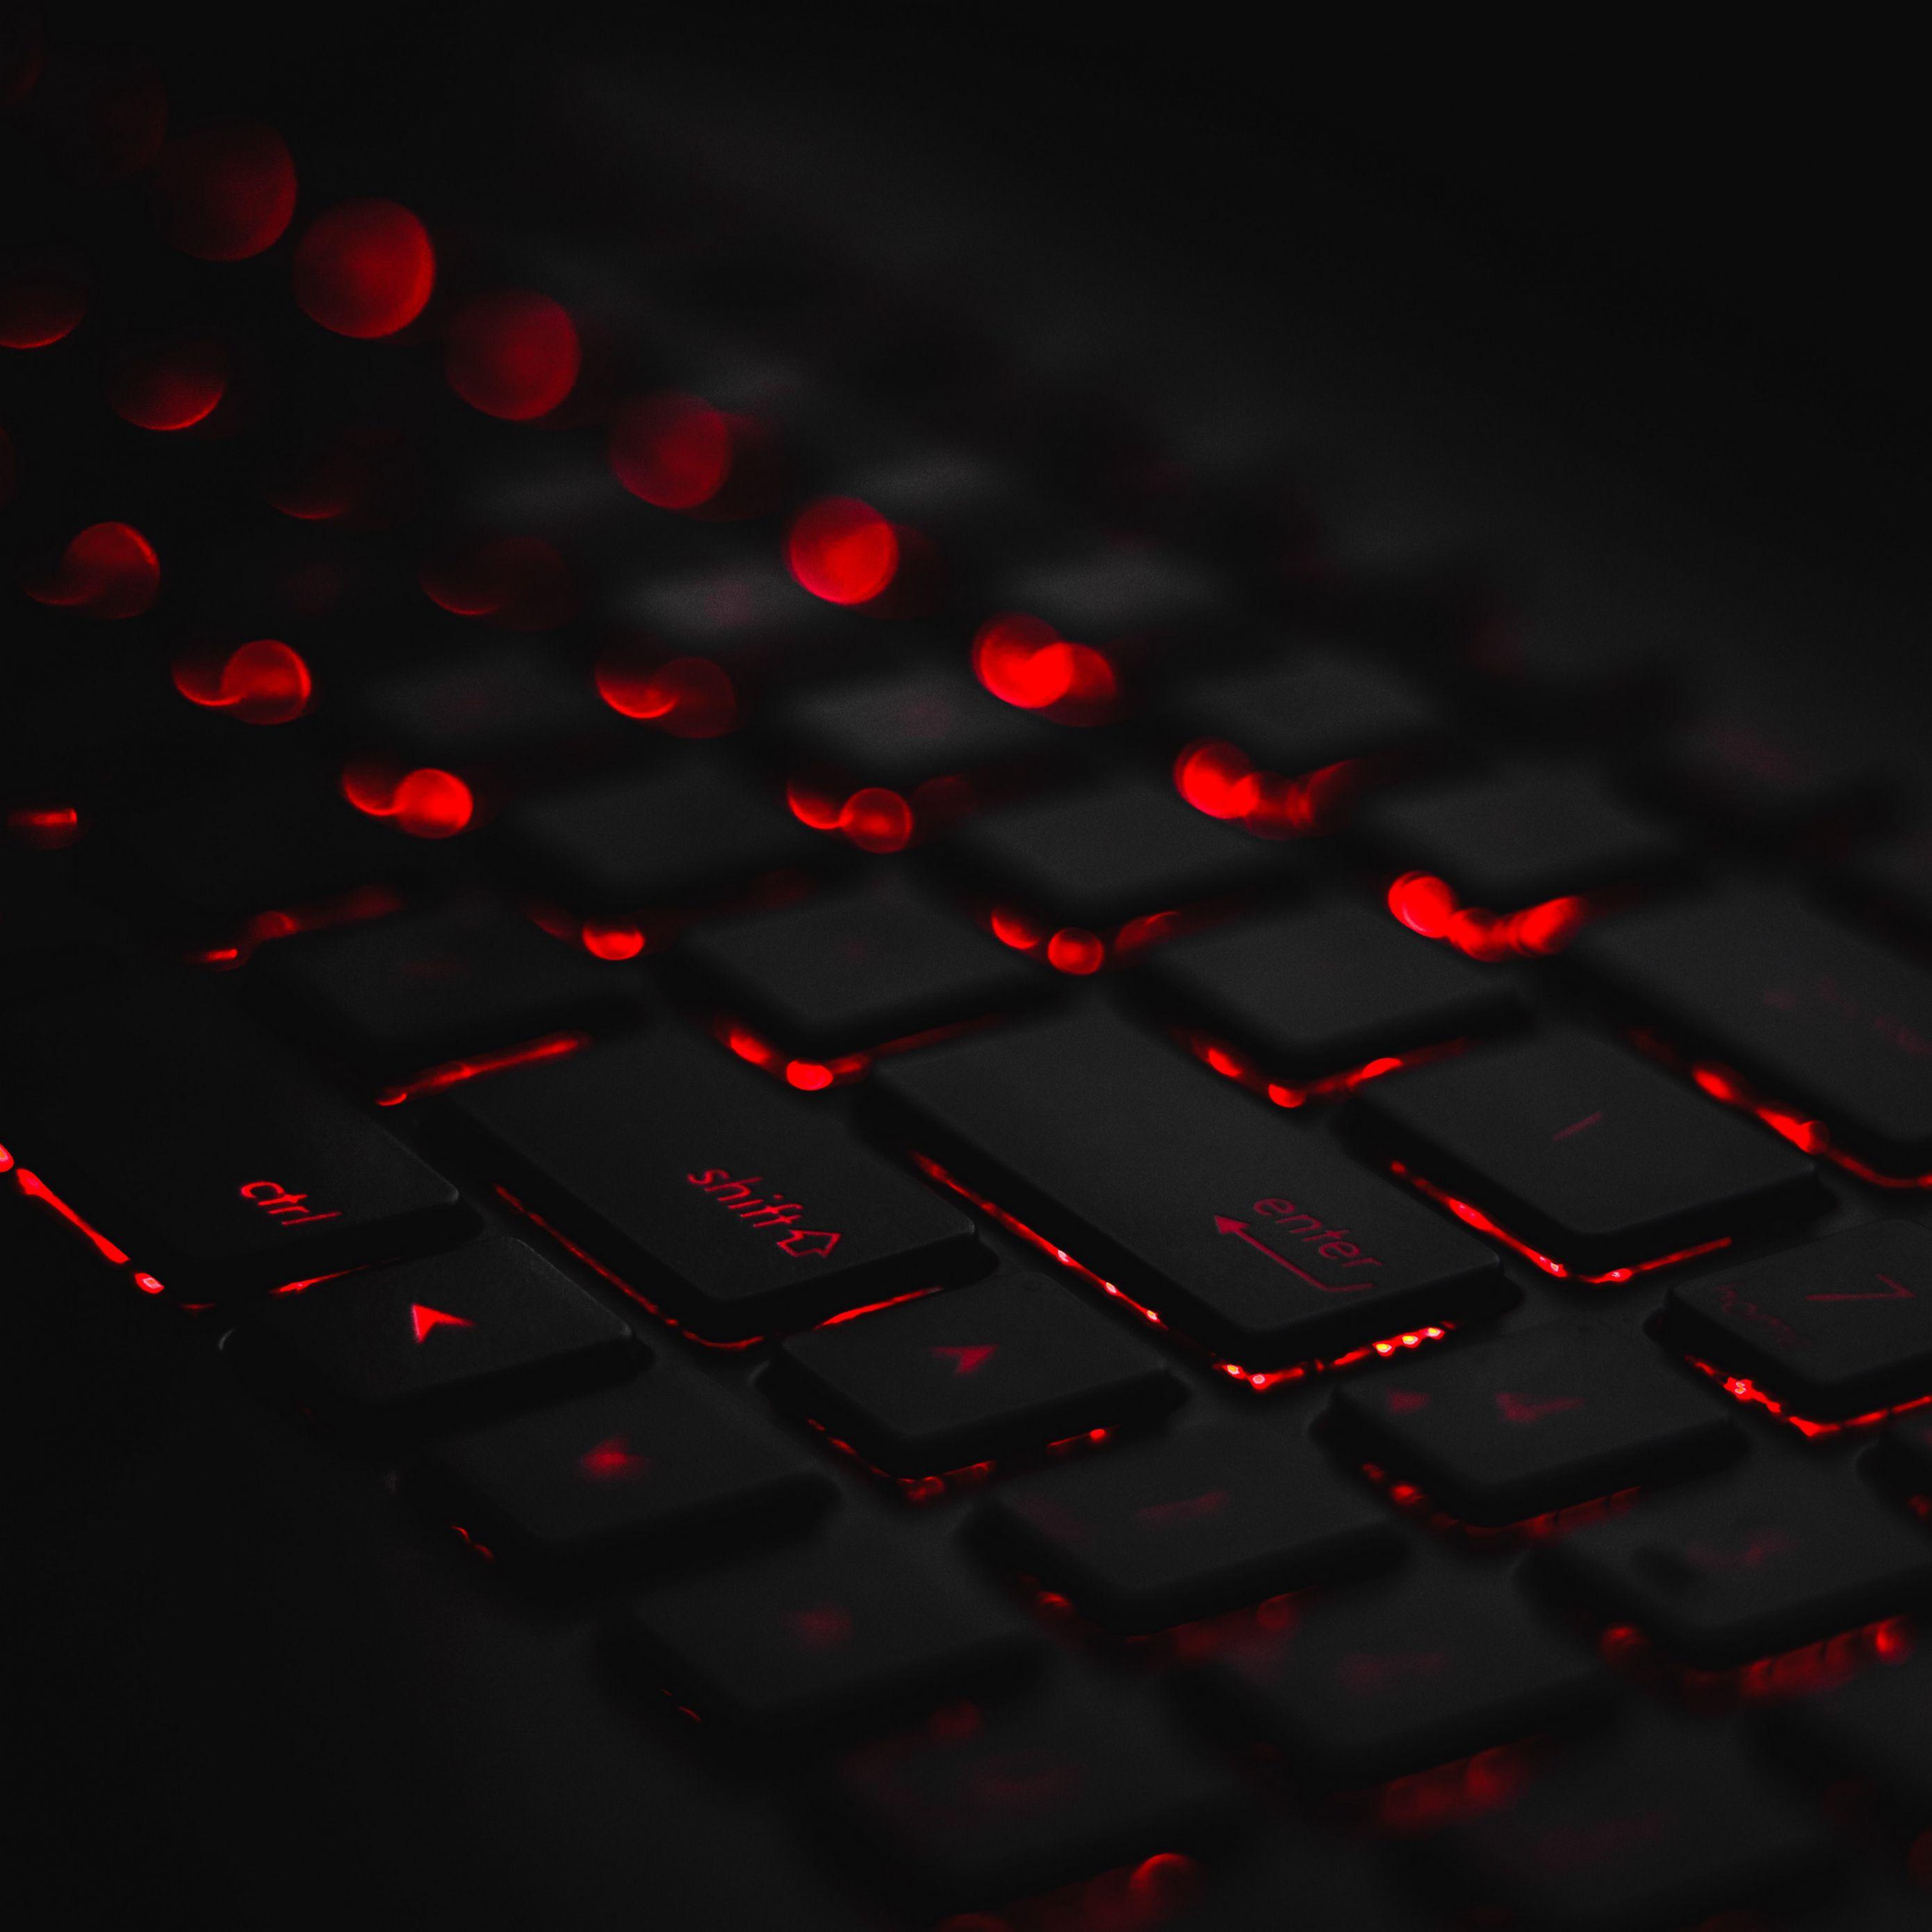 2780x2780 Wallpaper keyboard, backlight, red, glare, bokeh